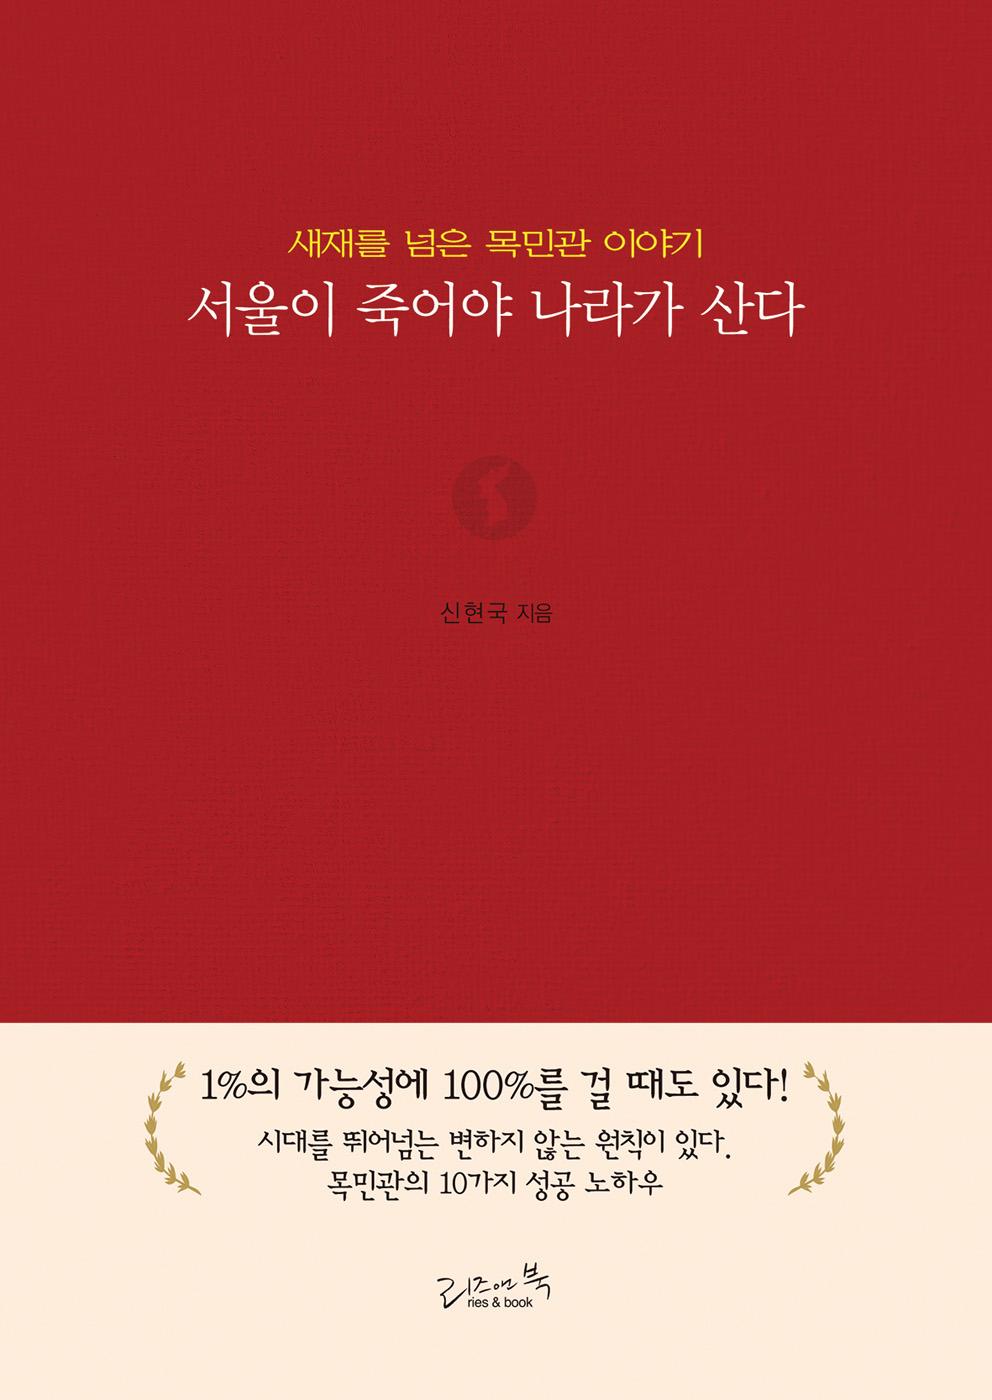 서울이 죽어야 나라가 산다 : 새재를 넘은 목민관 이야기